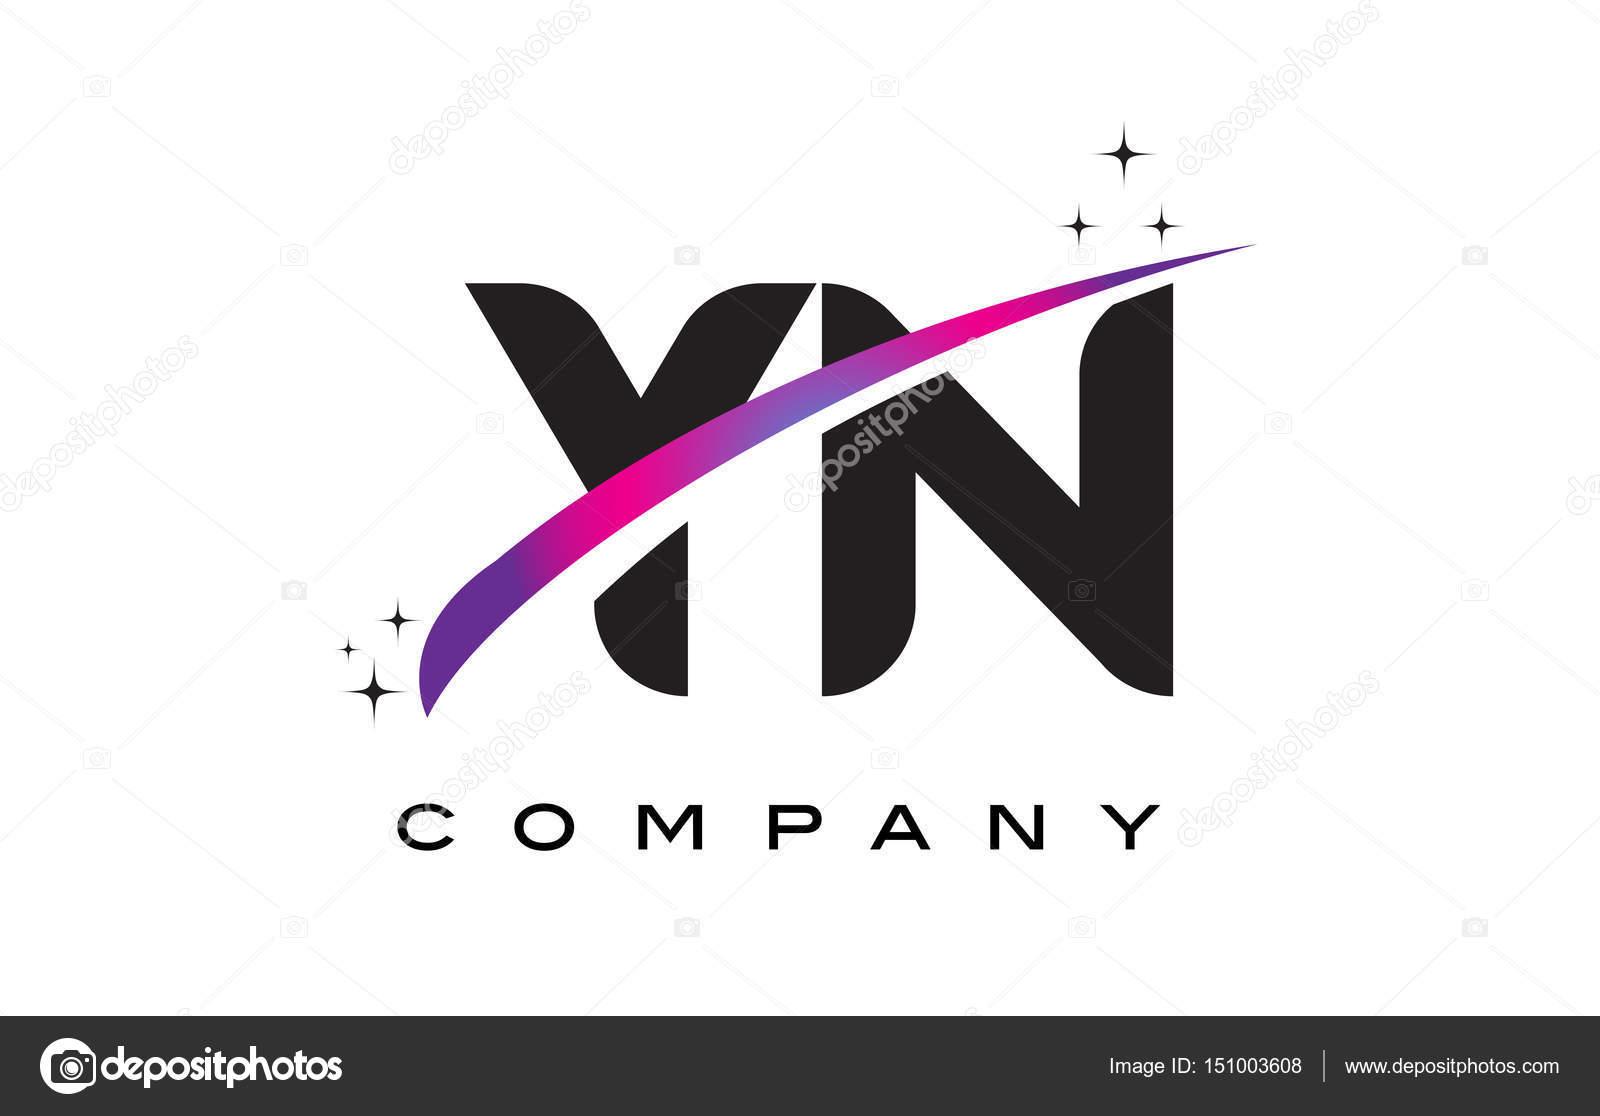 �yf�y��y�'��(y�n_YnYNschwarzenBuchstabenLogo-DesignmitlilaMagentaSwoosh—Stockvektor